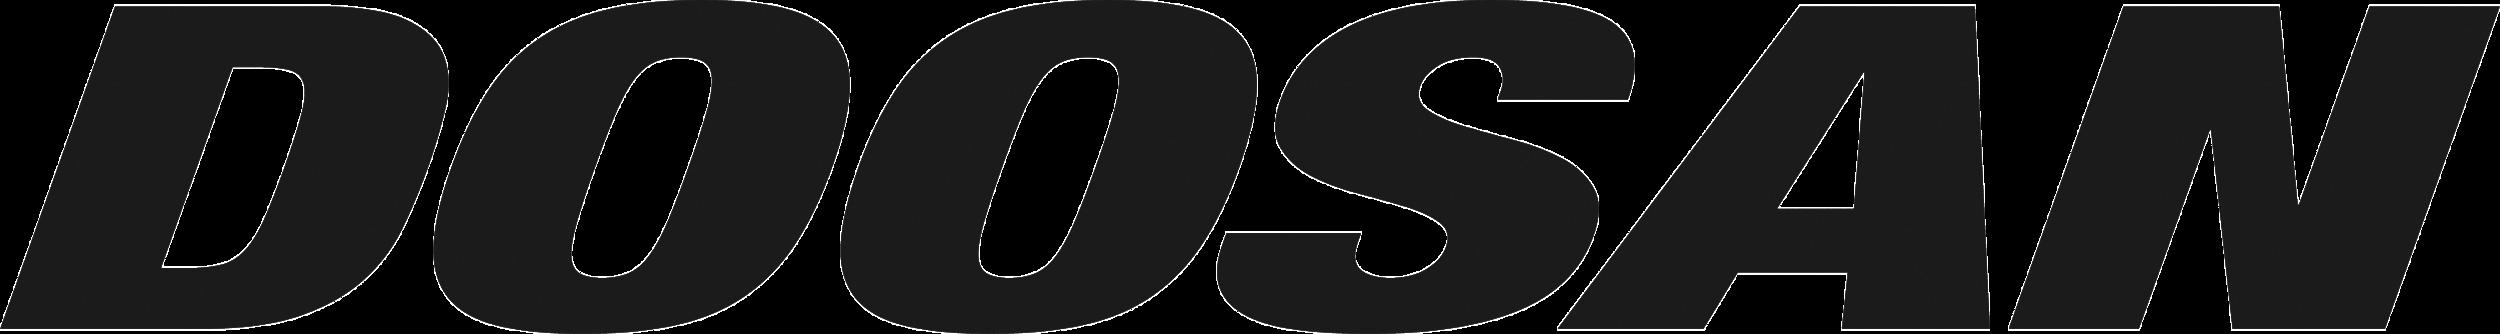 2018_doosan-logo_DMTnavy-01 copy.png